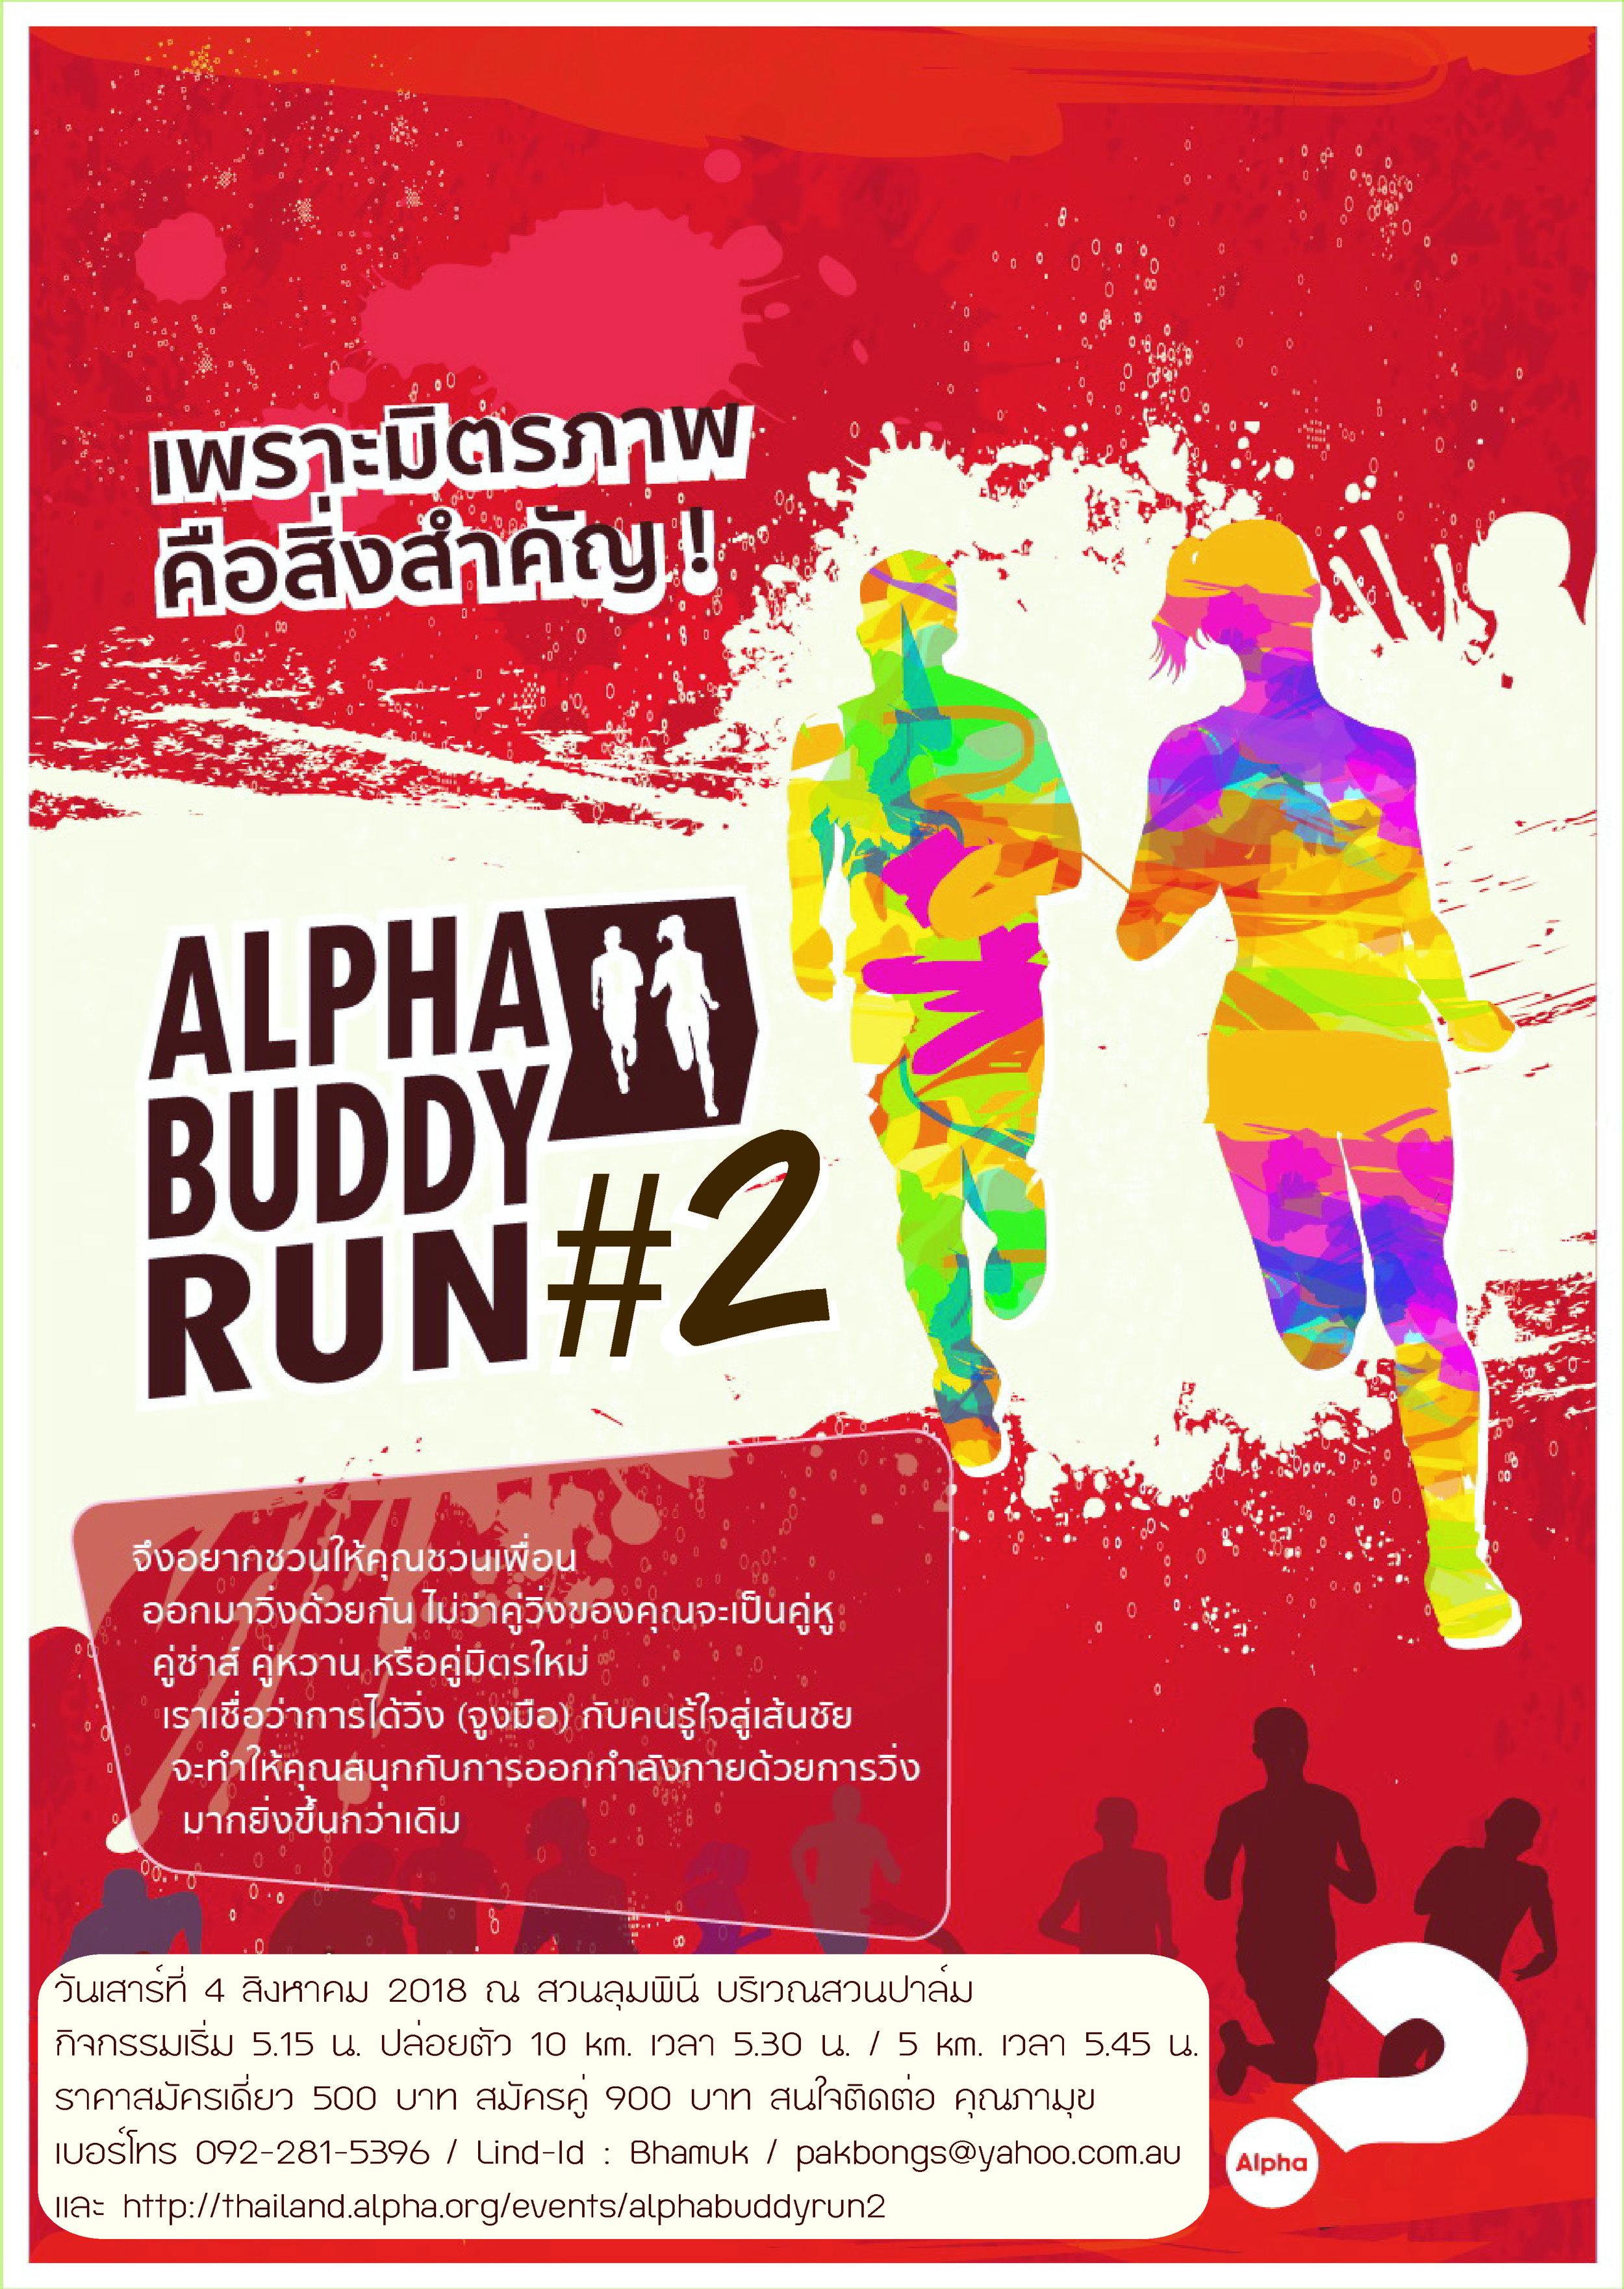 Run#2.jpg